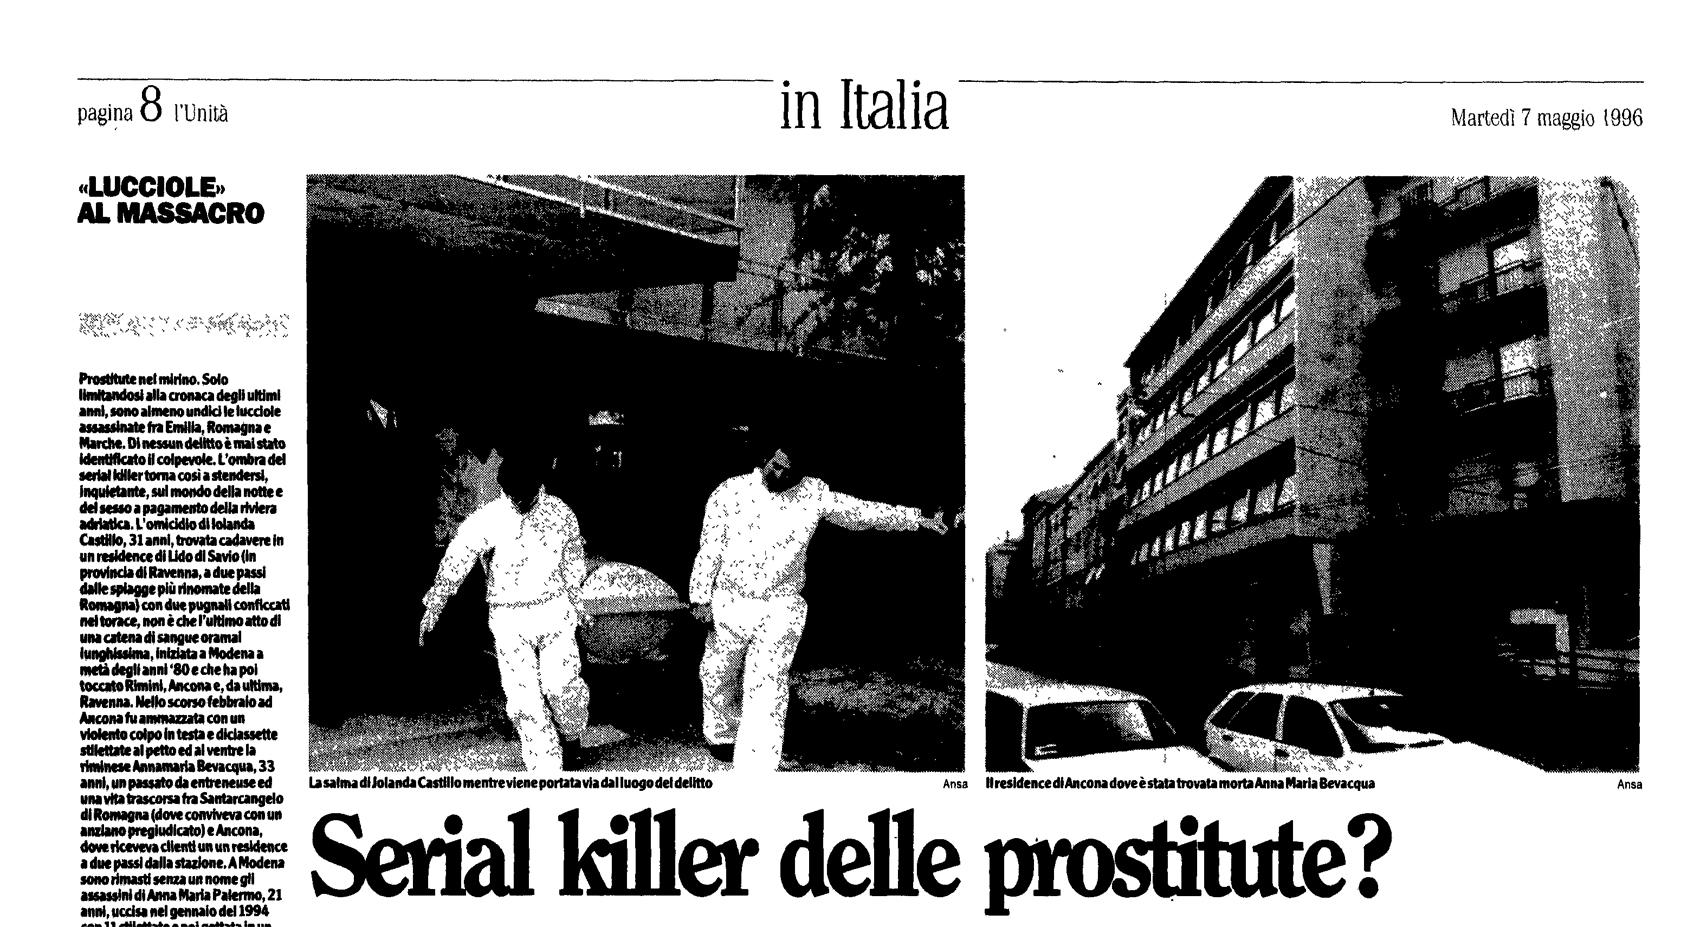 L'Unità, 7 maggio 1996